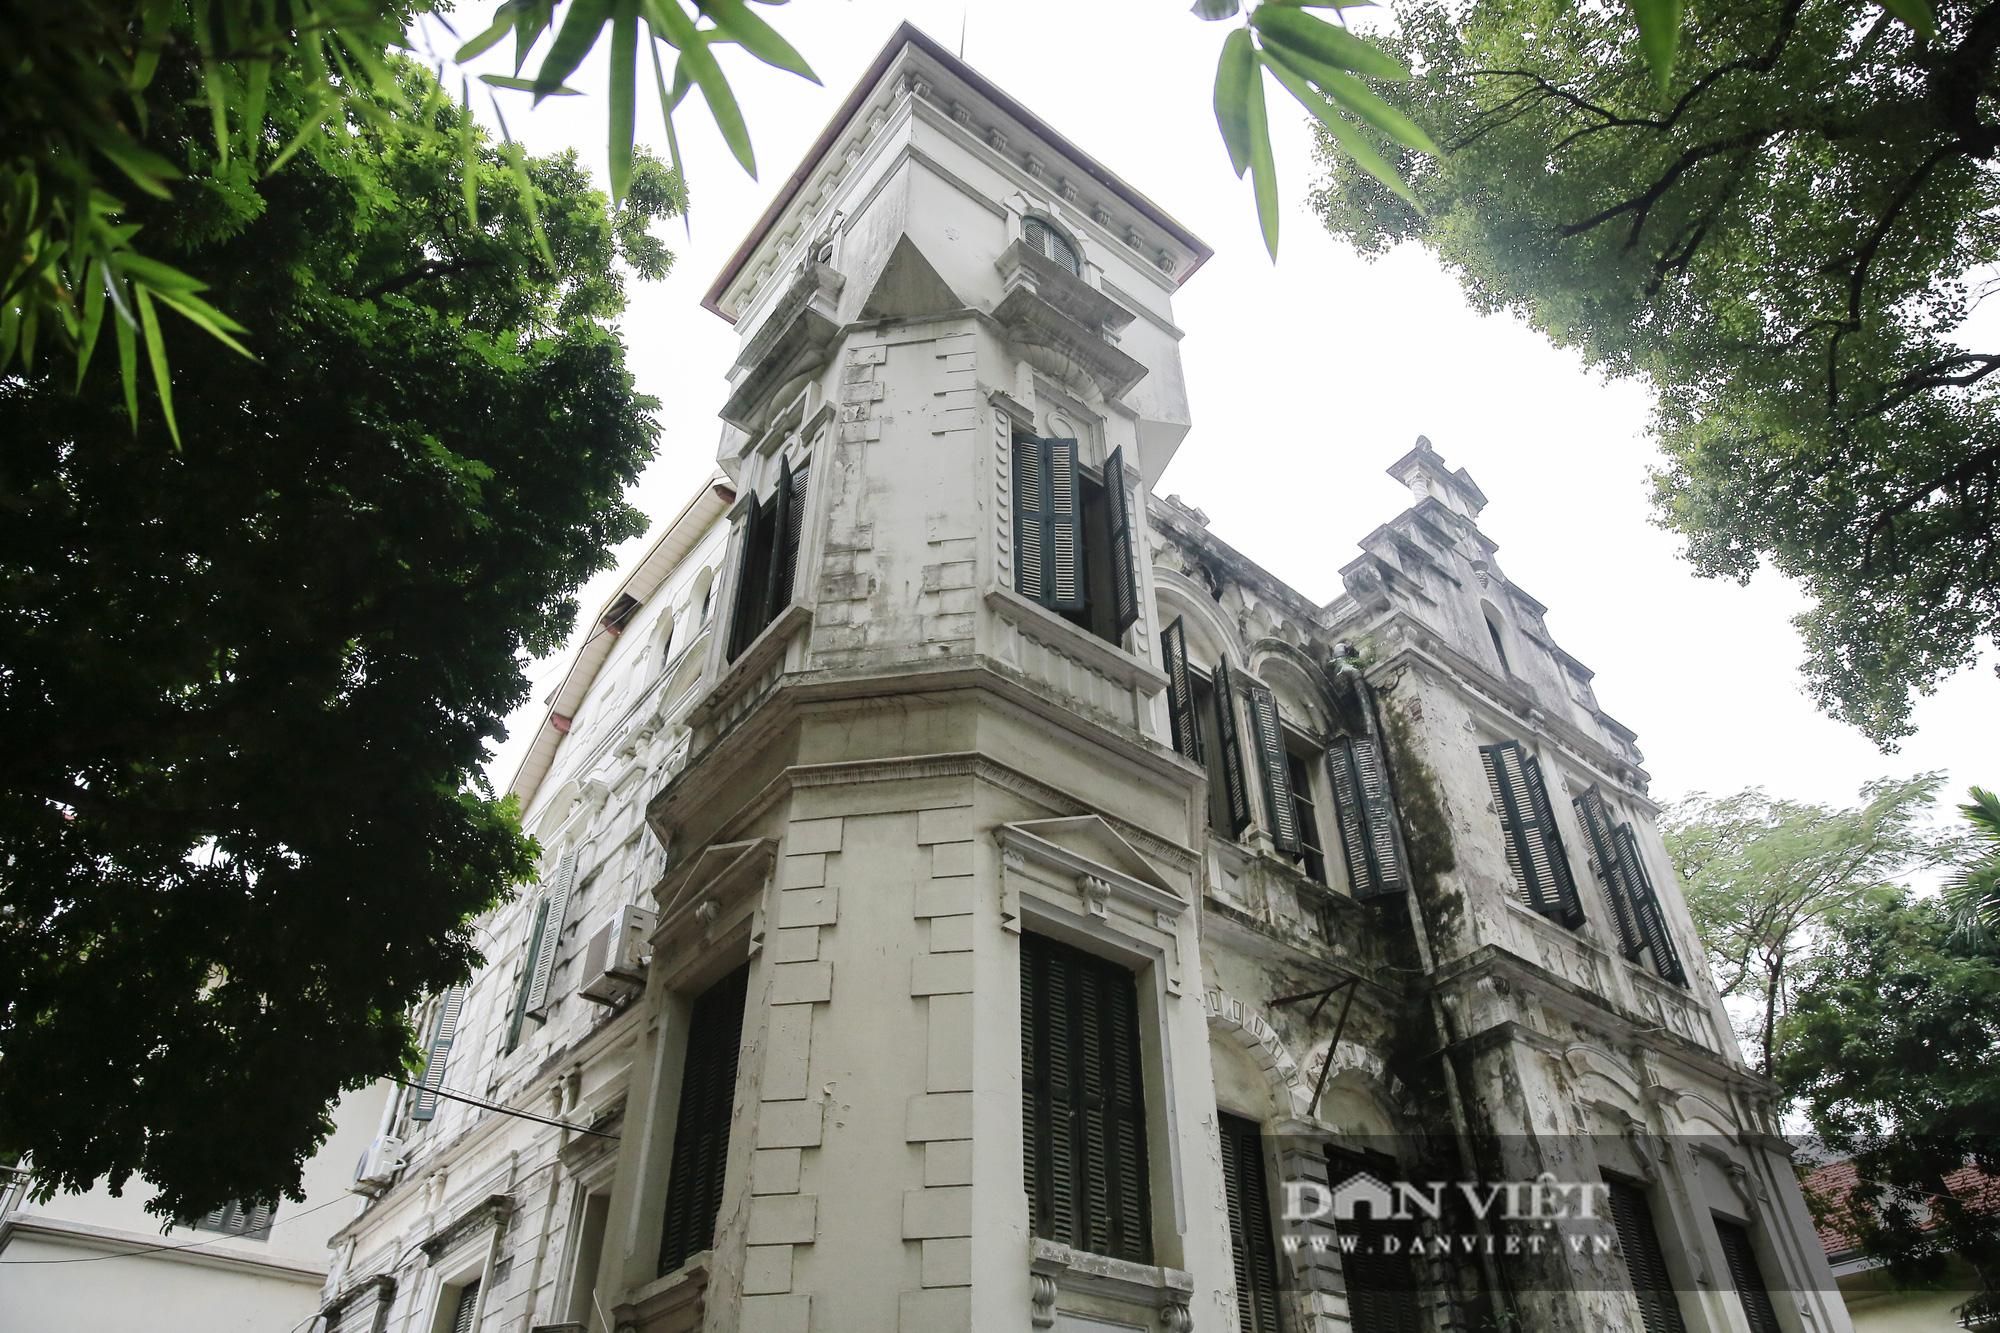 Khám phá dinh thự thứ 8 rộng 2000m2 của vua Bảo Đại tại Hà Nội - Ảnh 9.